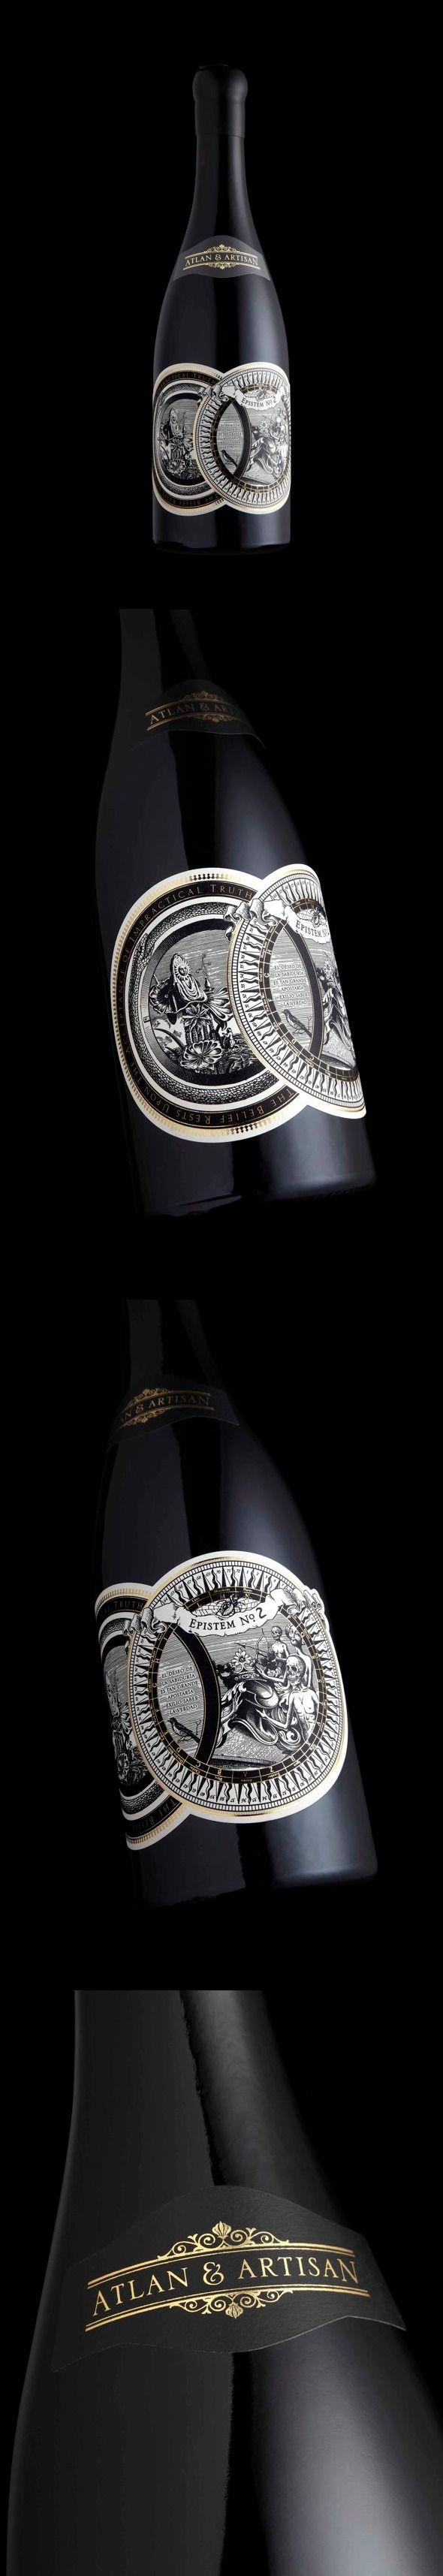 Epistem Wine by Stranger & Stranger